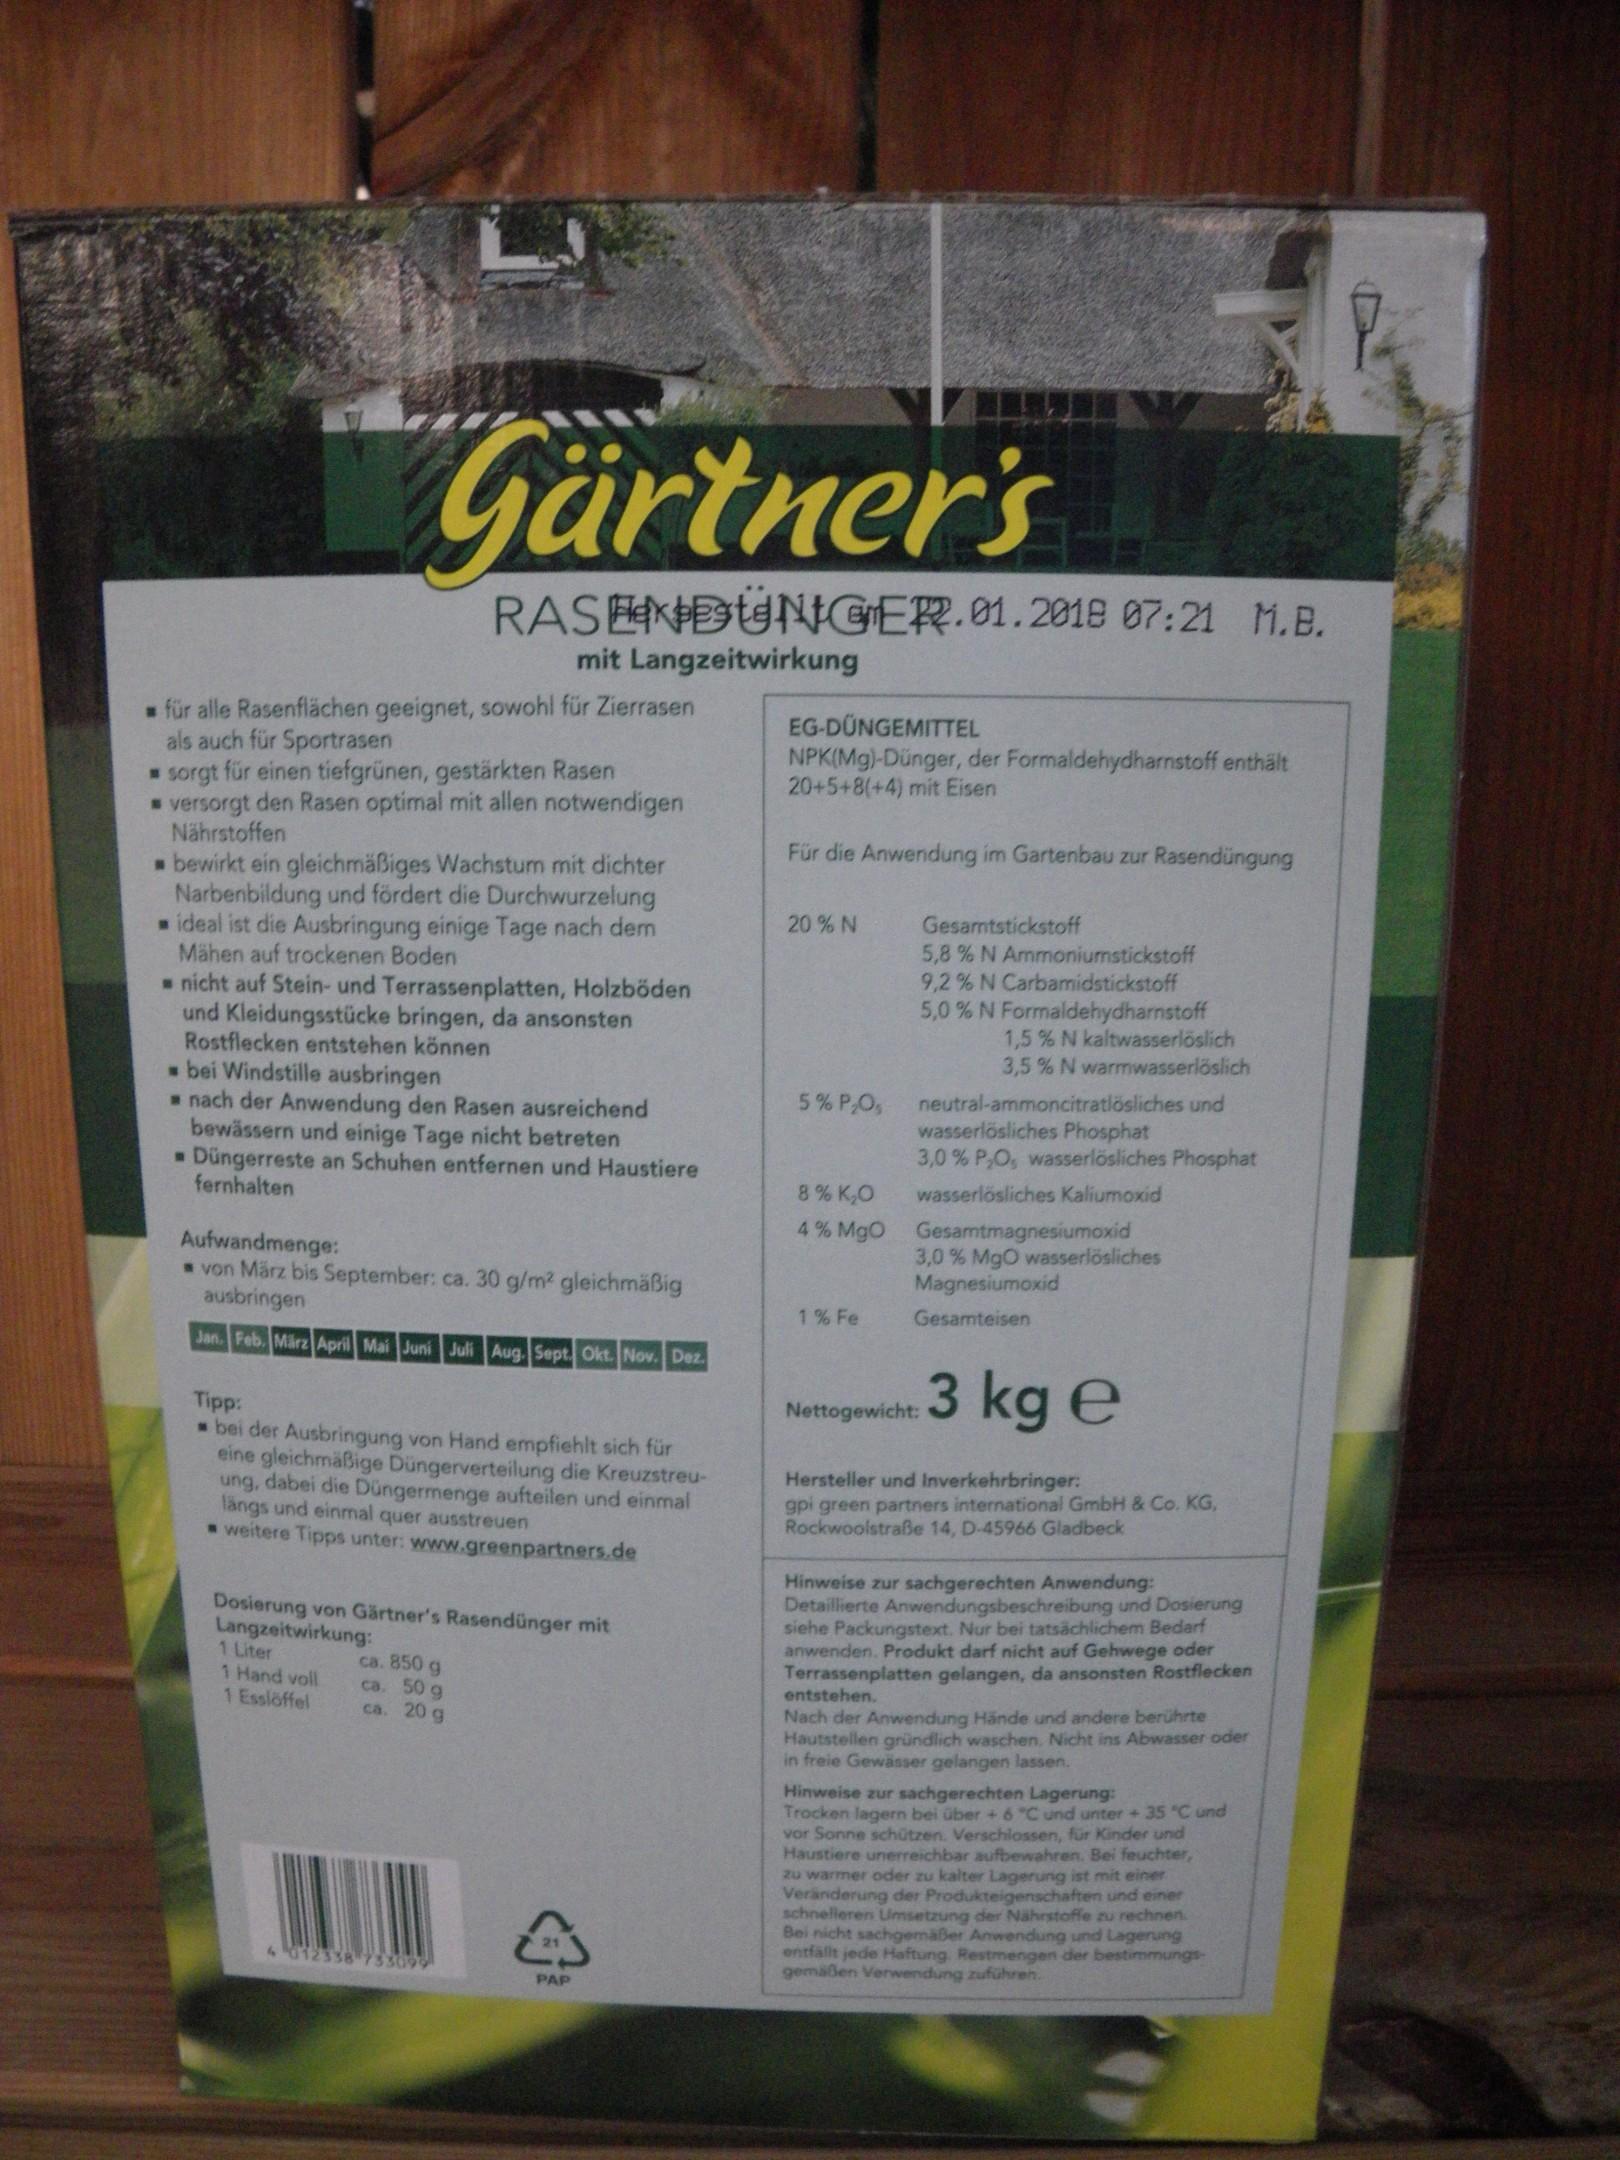 Gärtners Rasendünger mit Langzeitwirkung 3kg Packung Bild 2